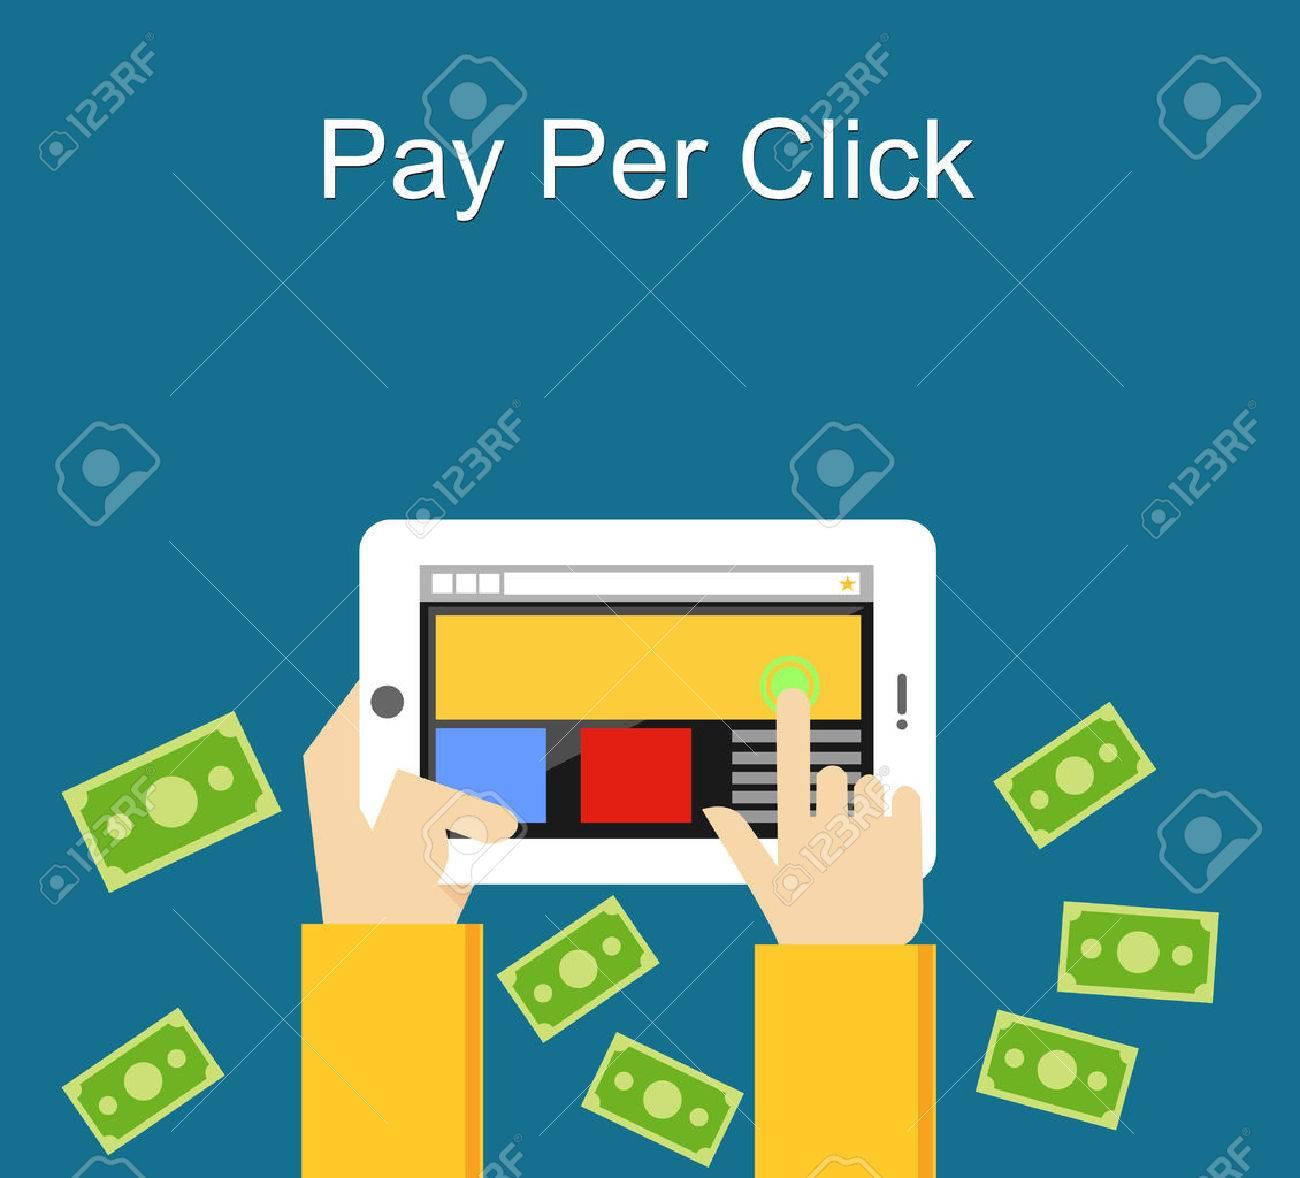 Pay per click flat design illustration. - 44039986